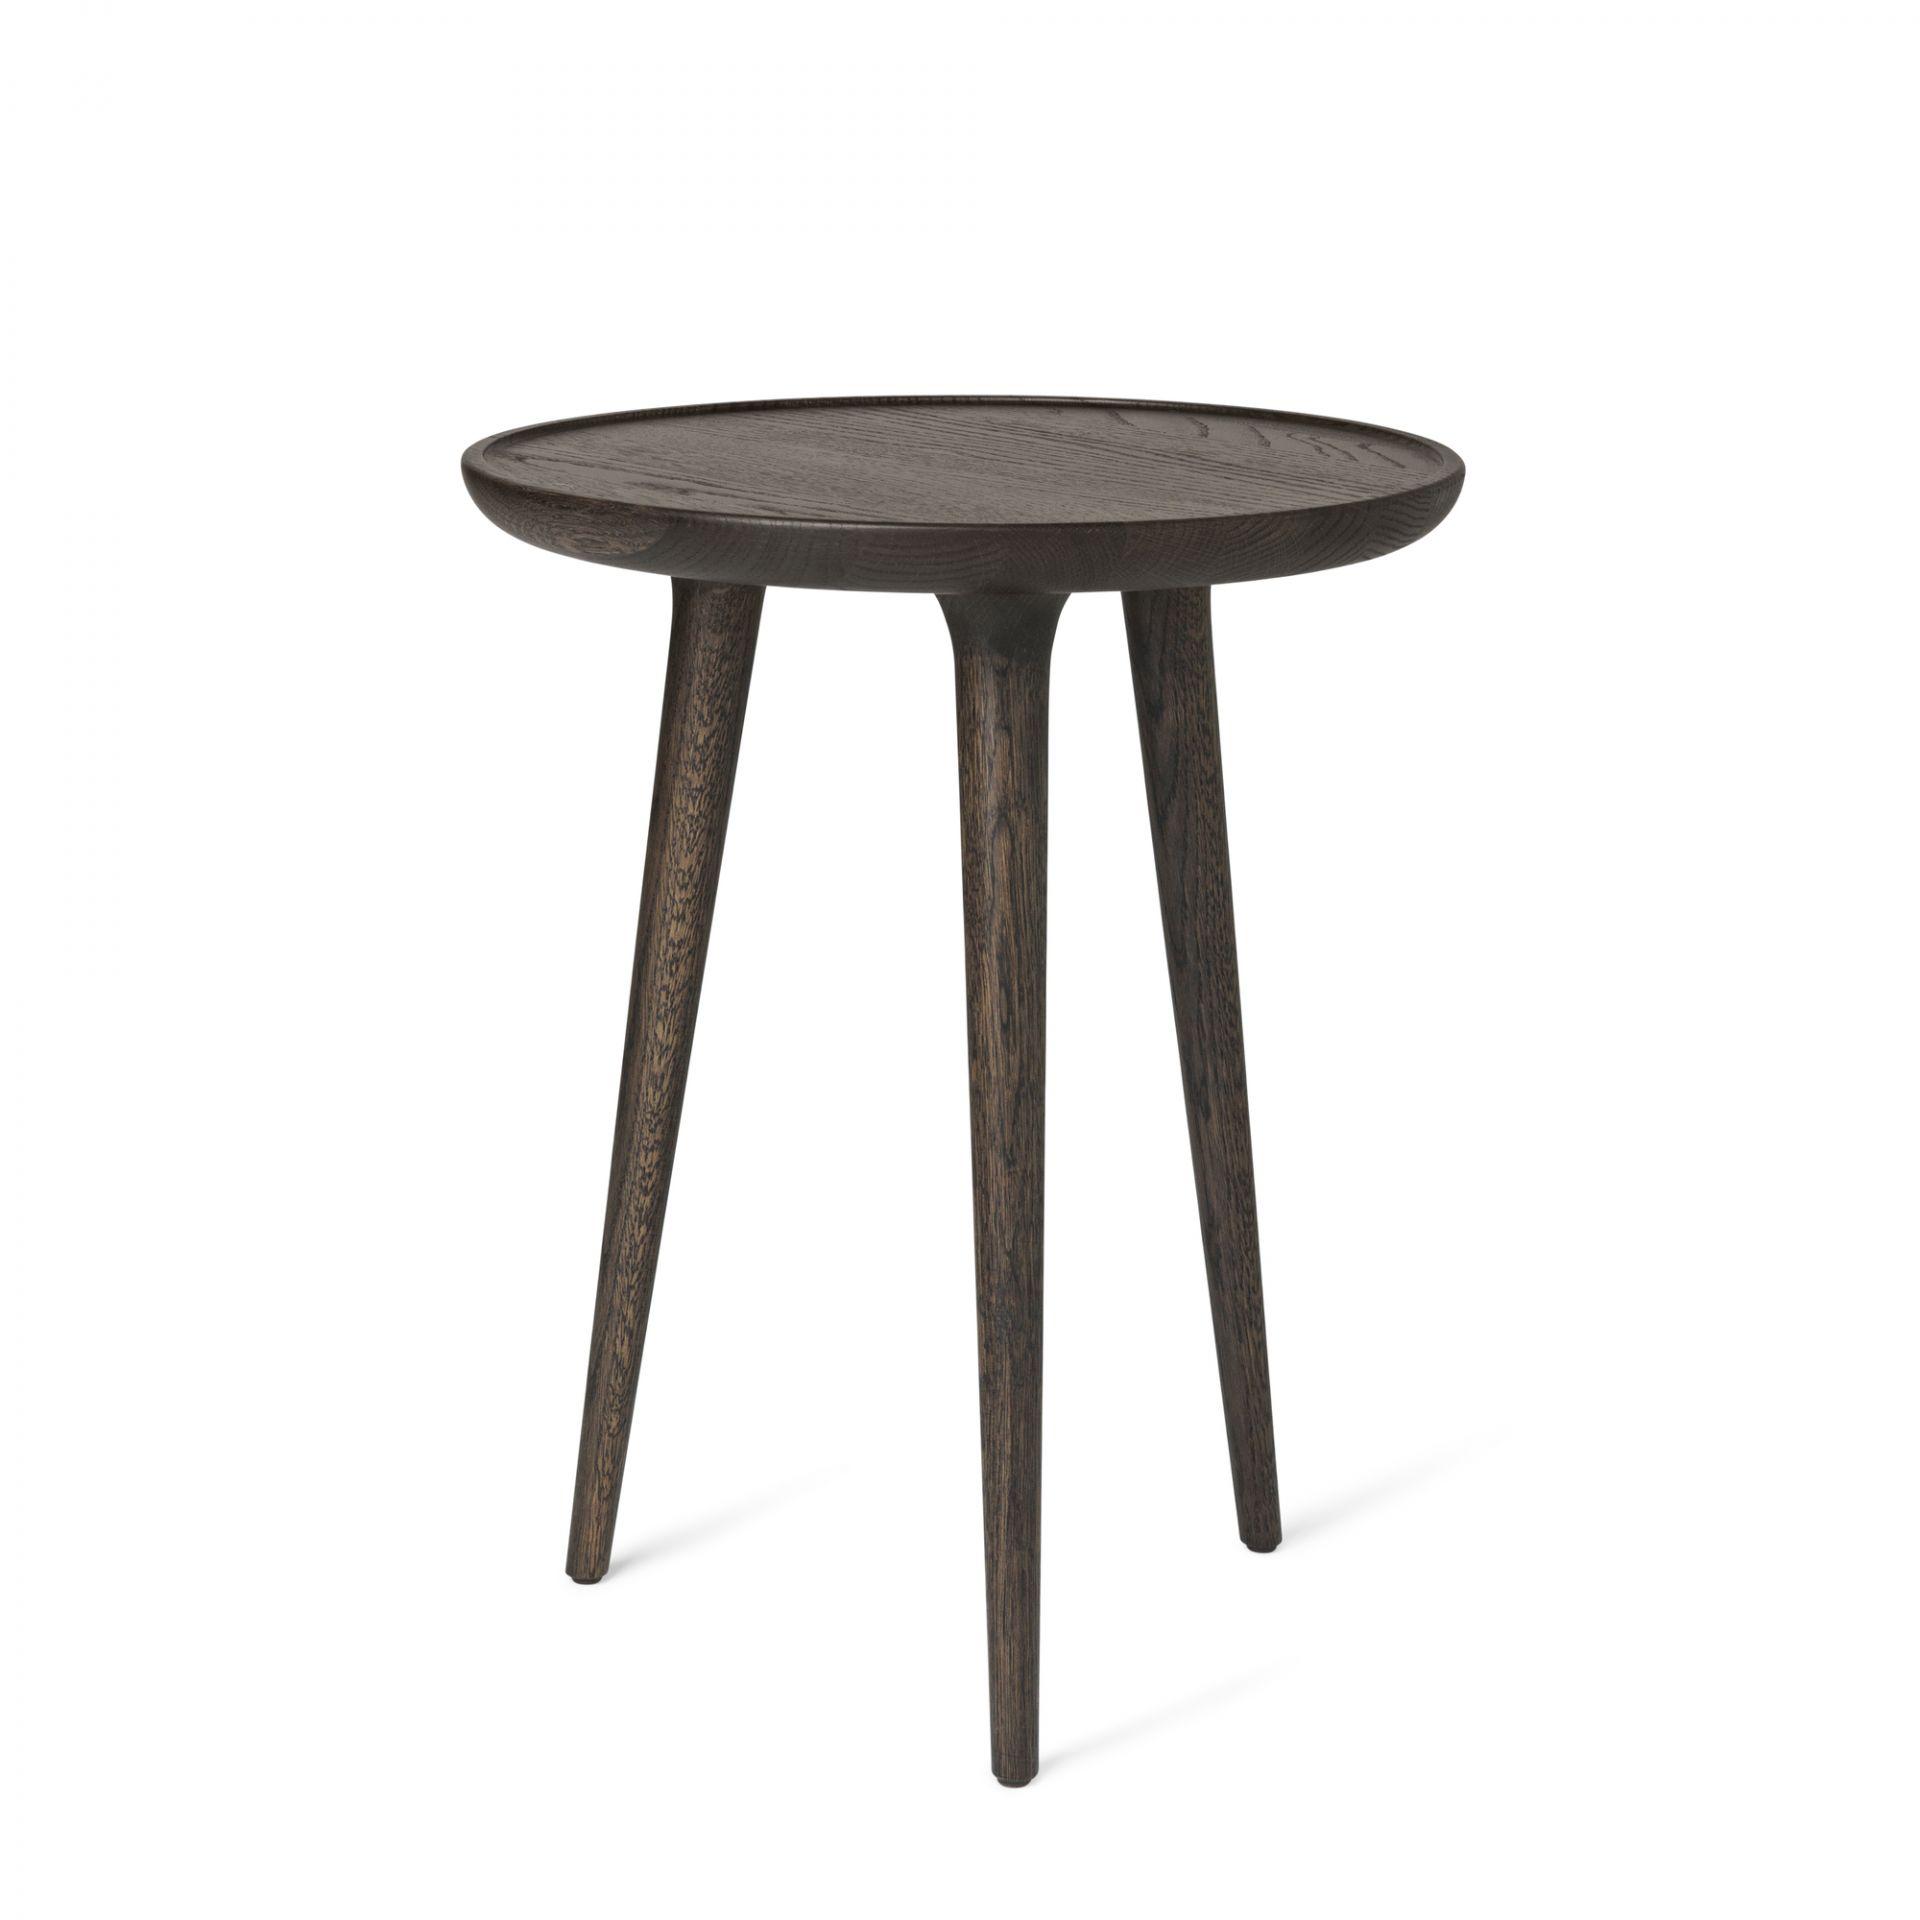 Accent Side Table Medium Eiche Sirka grau Mater